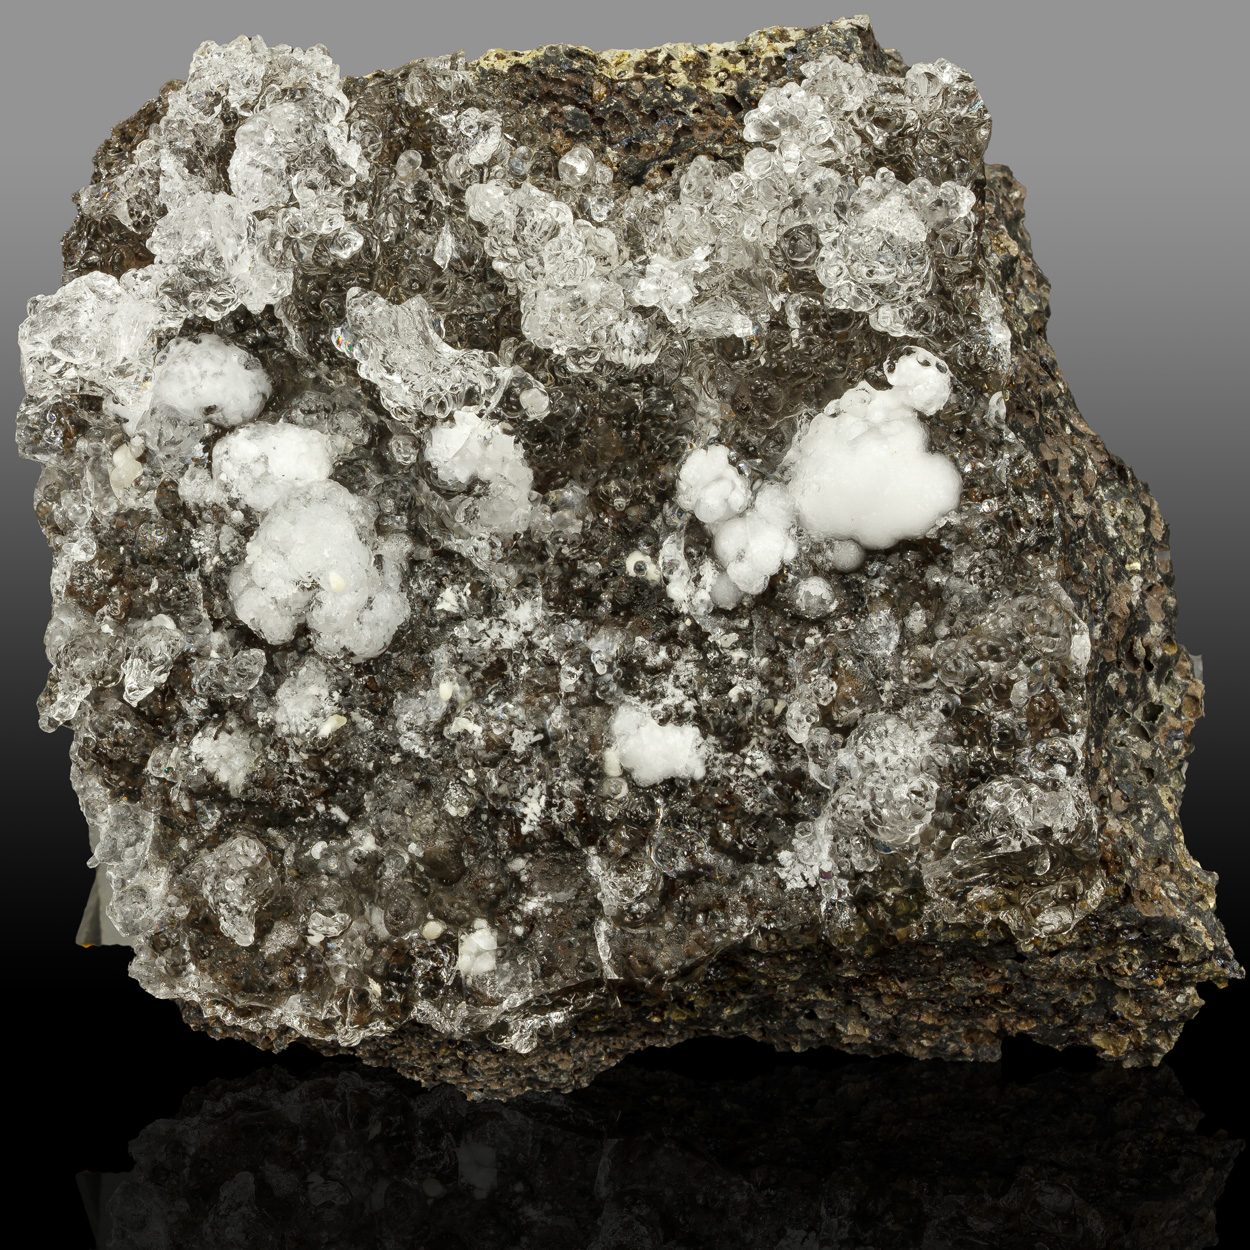 Hyalite & Aragonite